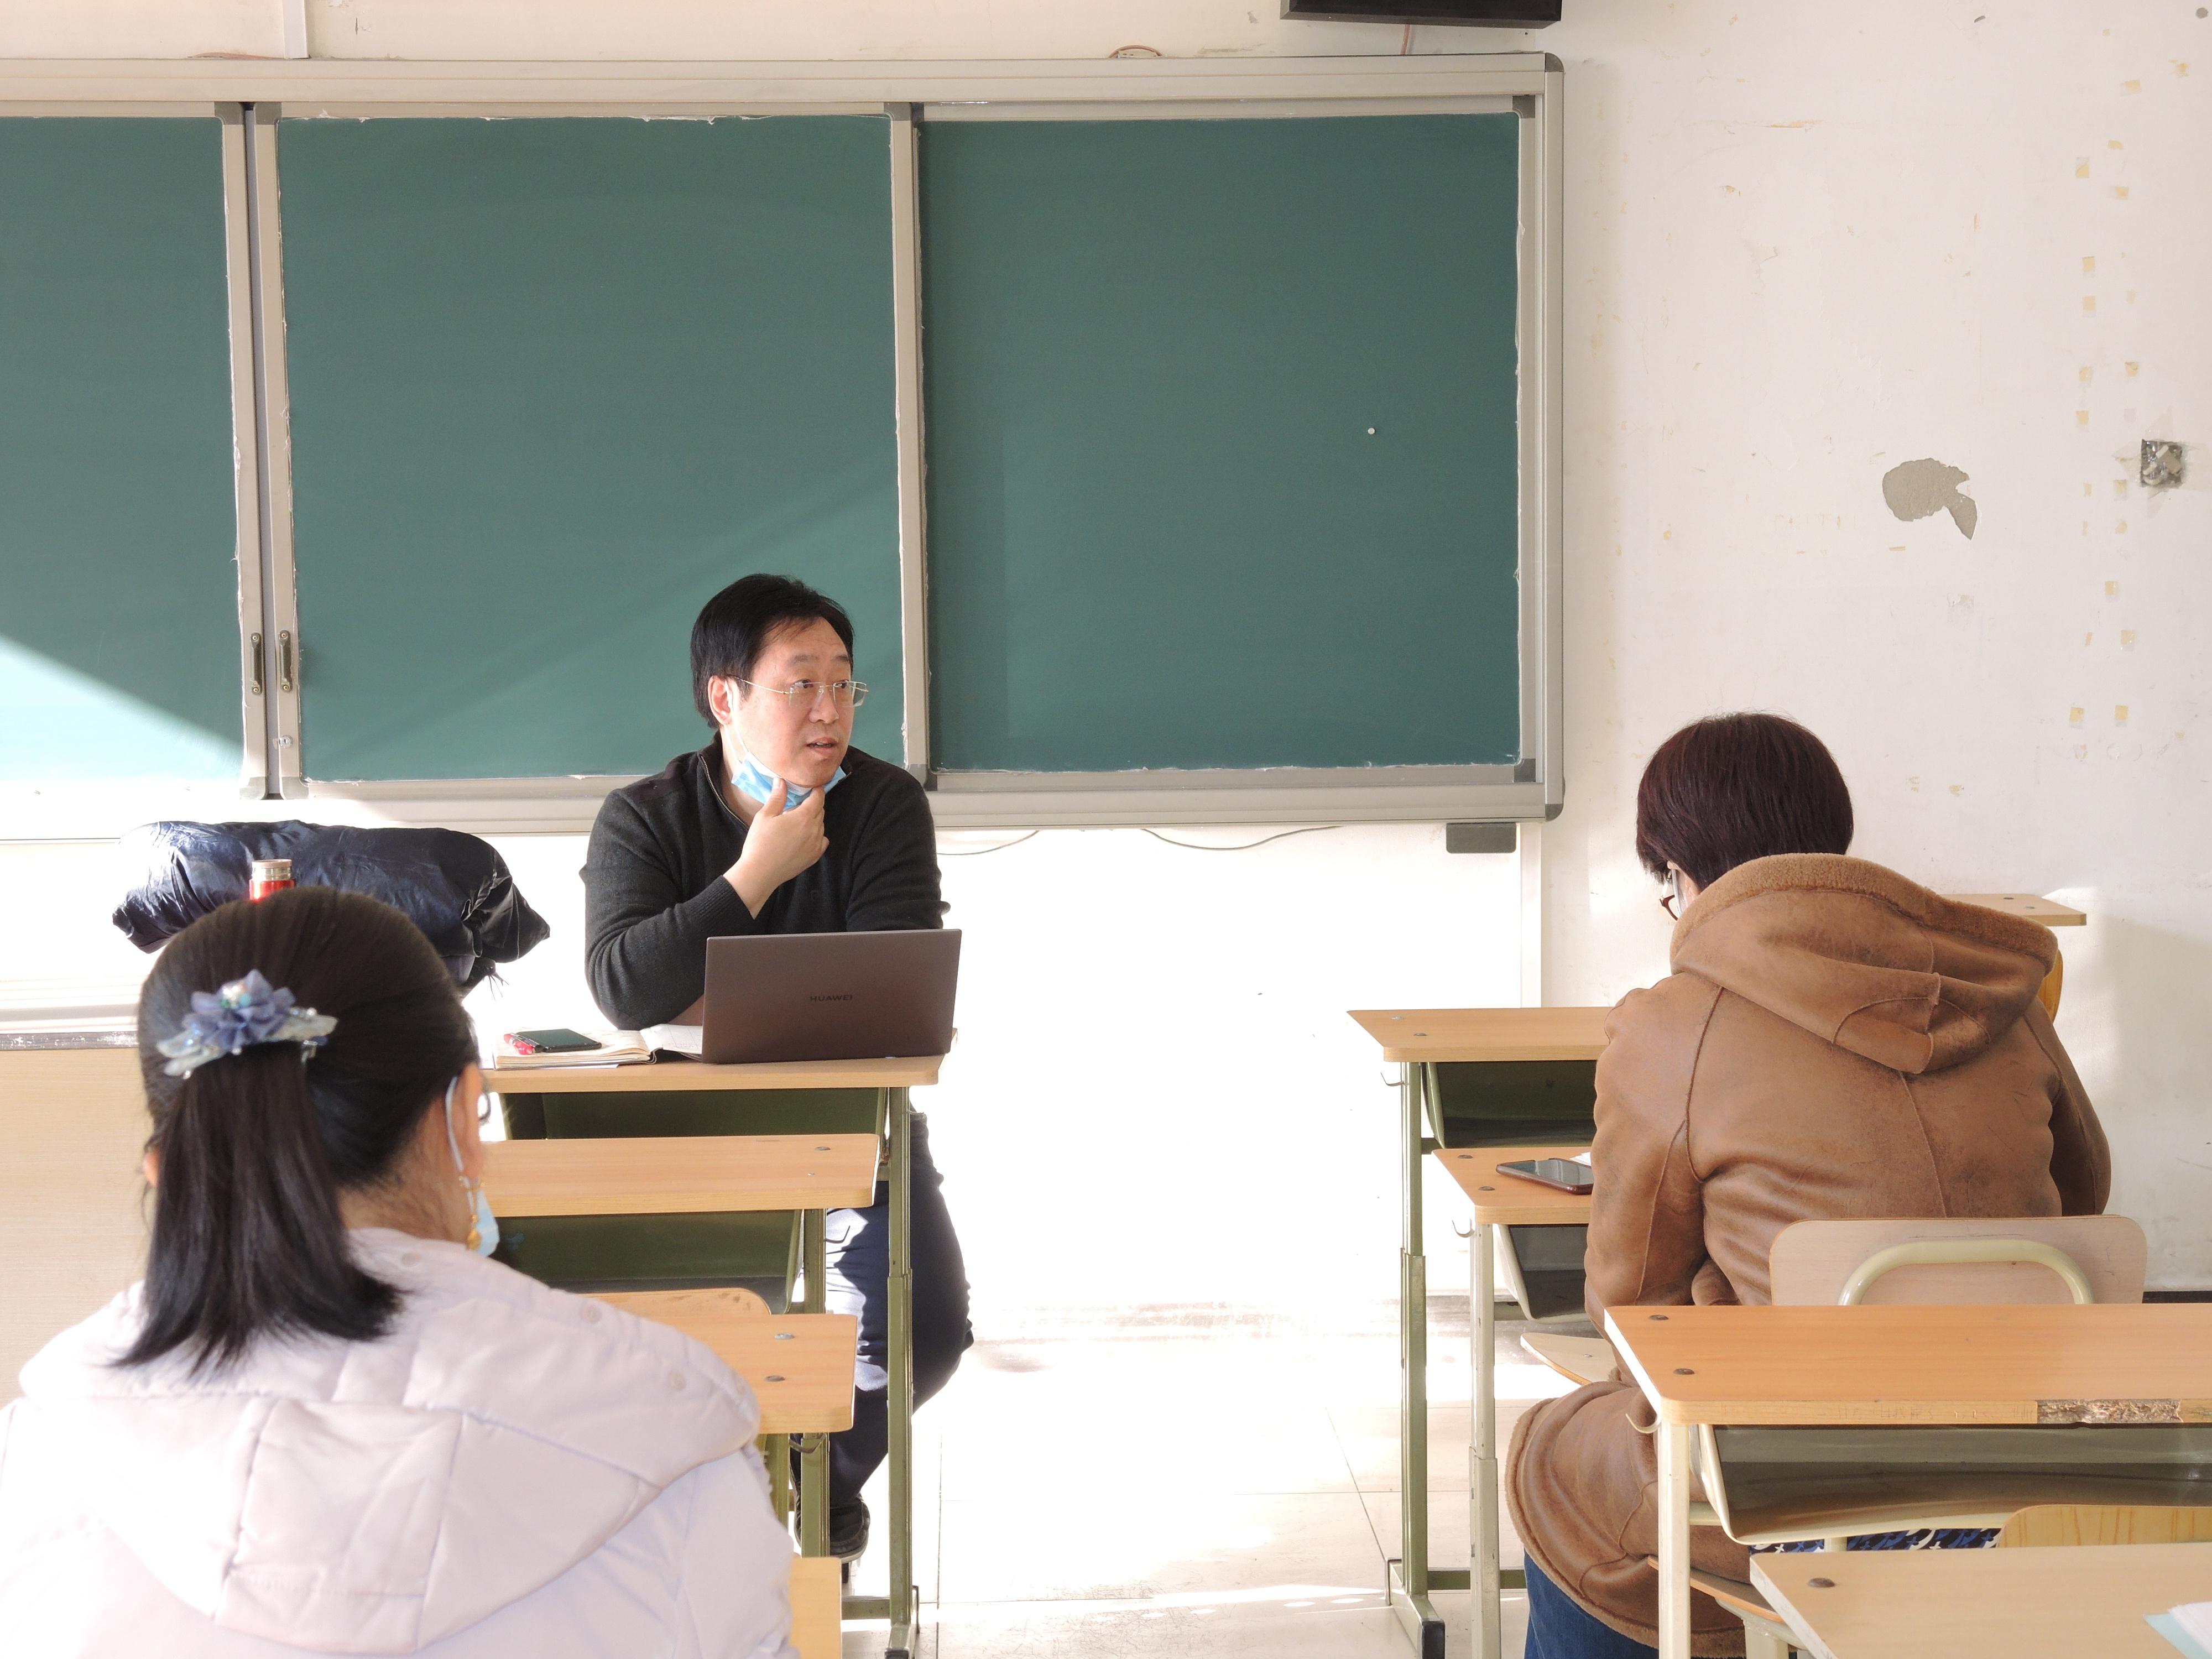 马福贵点评课堂0376.JPG